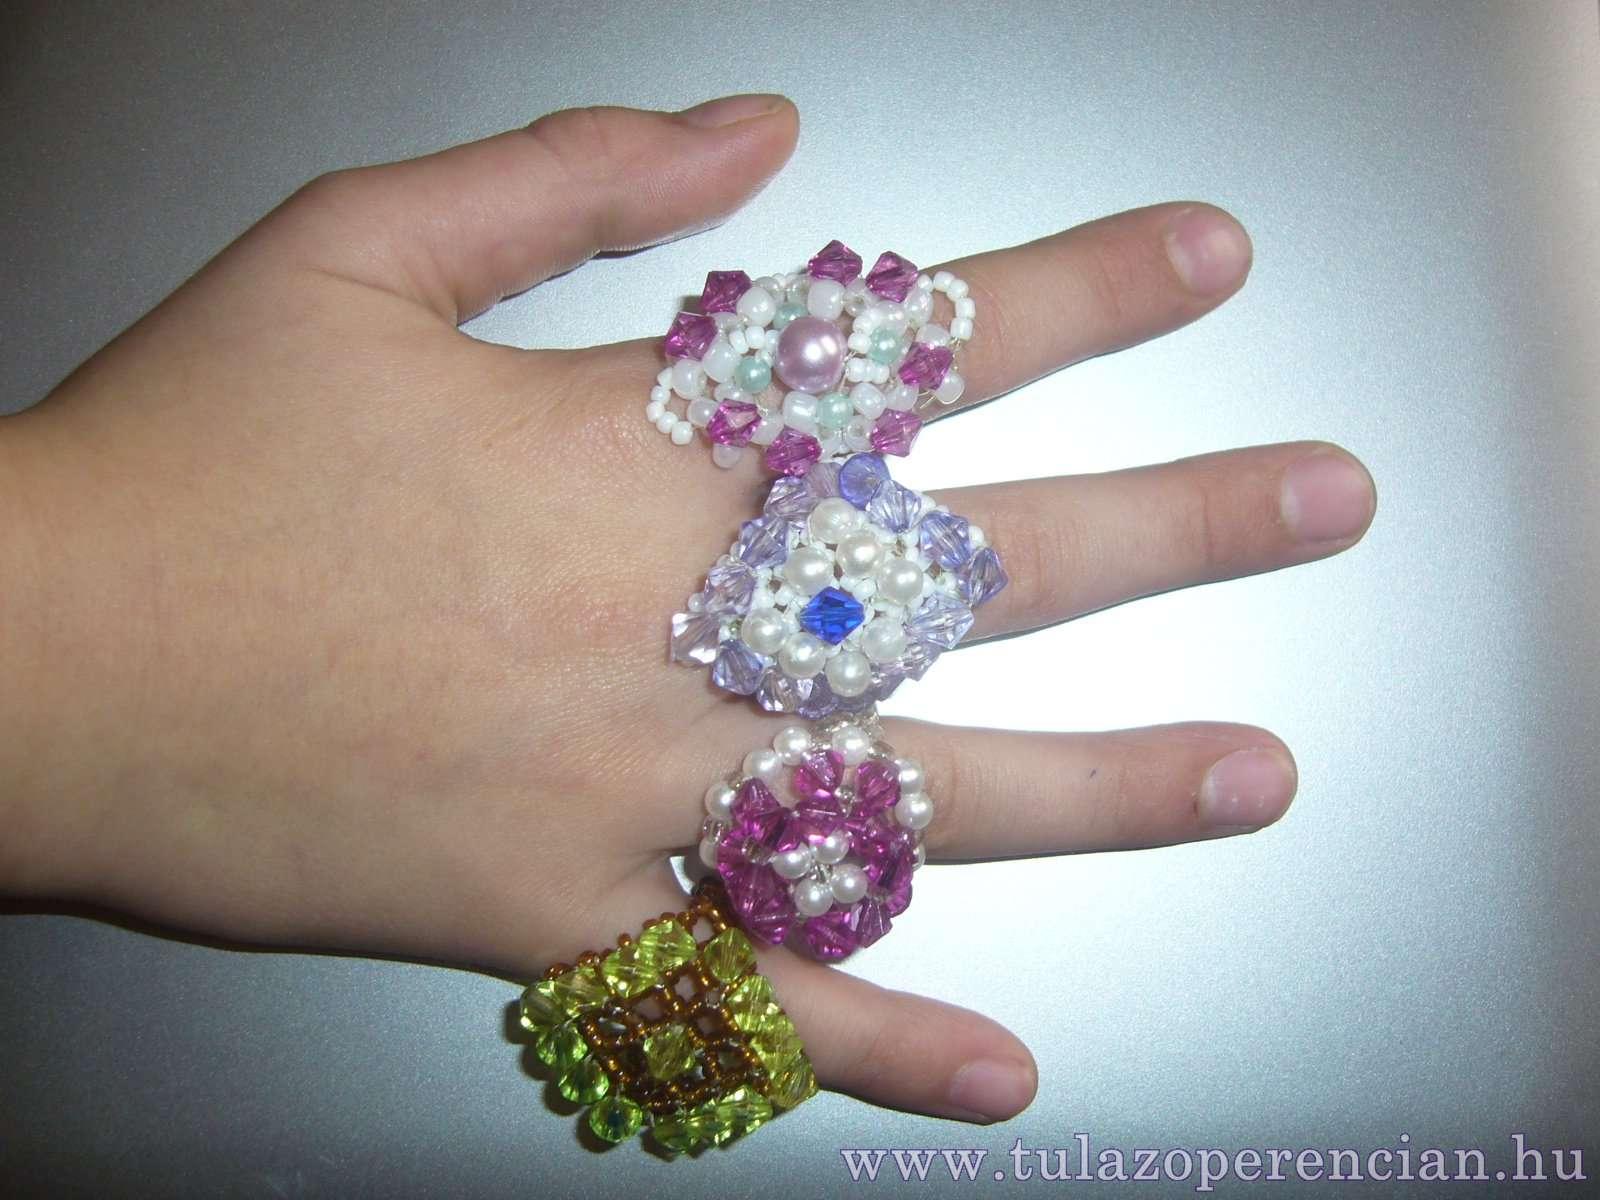 Gyűrűk a kézen